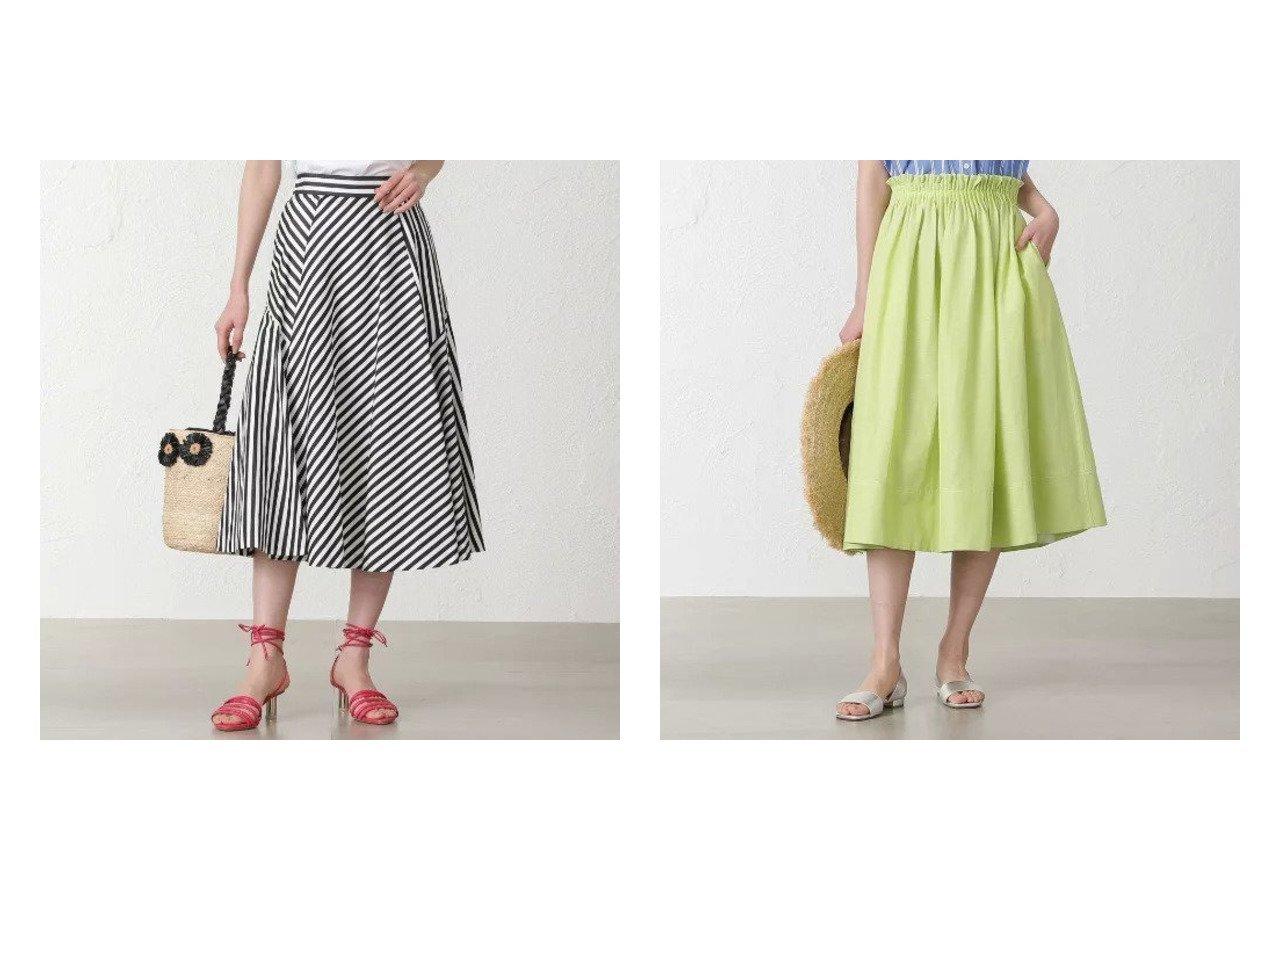 【EPOCA THE SHOP/エポカ ザ ショップ】の【MIHOKO SAITO】ストライプフレアスカート&【MIHOKO SAITO】カラーギャザースカート 【スカート】おすすめ!人気、トレンド・レディースファッションの通販 おすすめで人気の流行・トレンド、ファッションの通販商品 メンズファッション・キッズファッション・インテリア・家具・レディースファッション・服の通販 founy(ファニー) https://founy.com/ ファッション Fashion レディースファッション WOMEN スカート Skirt Aライン/フレアスカート Flared A-Line Skirts 春 Spring キュプラ ギャザー コレクション マキシ モダン レース ロング おすすめ Recommend イエロー ストライプ フレア フレンチ ベーシック リネン |ID:crp329100000031418